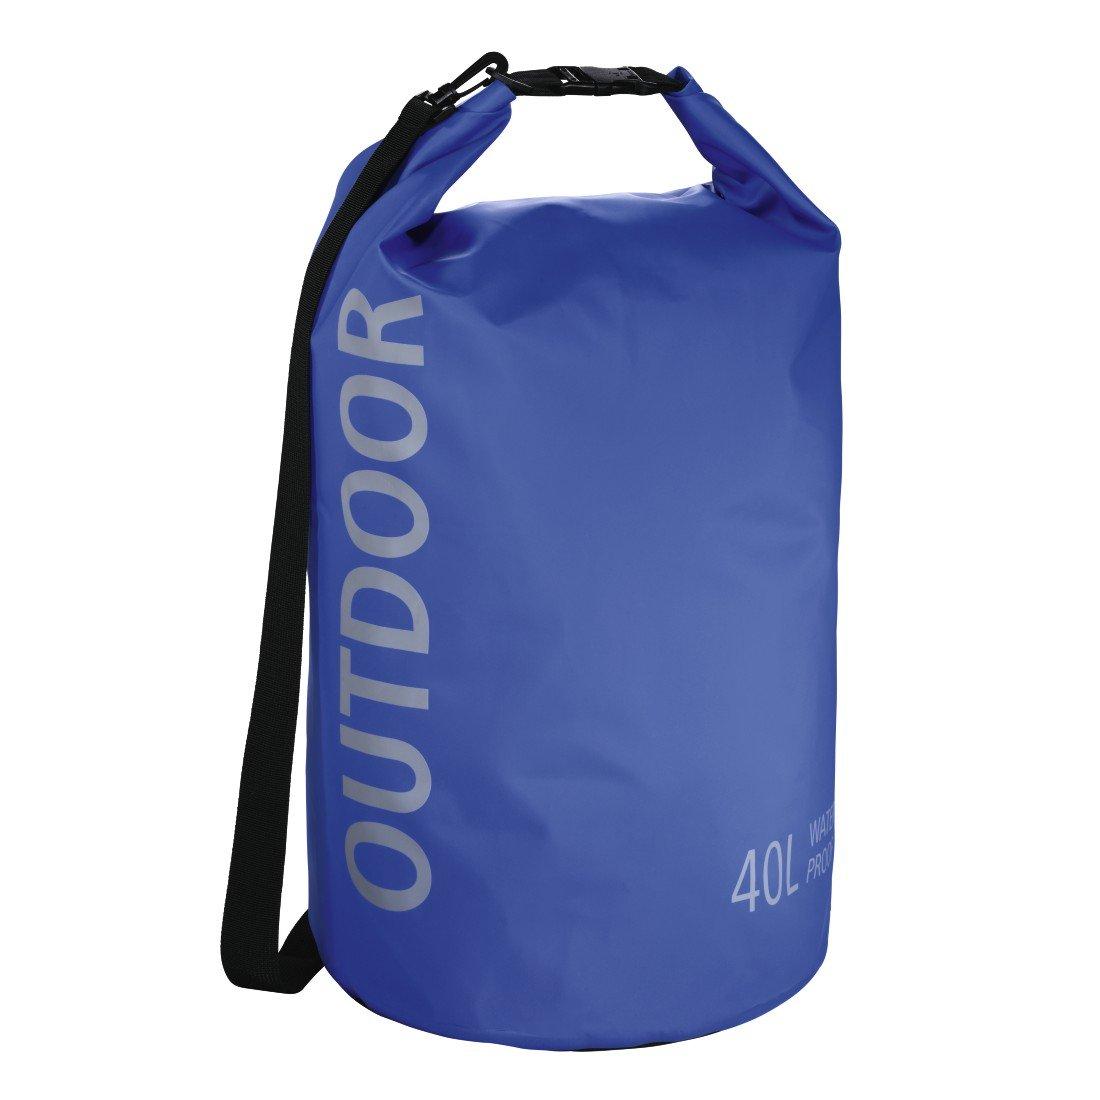 Hama Dry-Bag Schultertasche (40l, Wasserdichter Outdoor Packsack mit Roll-Top-Verschluss, Ideal für Wasser-Sport, Camping, Motorrad-Touren, Etc, im Seesack-Stil) Blau Ideal für Wasser-Sport Hama GmbH & CO KG 00178177